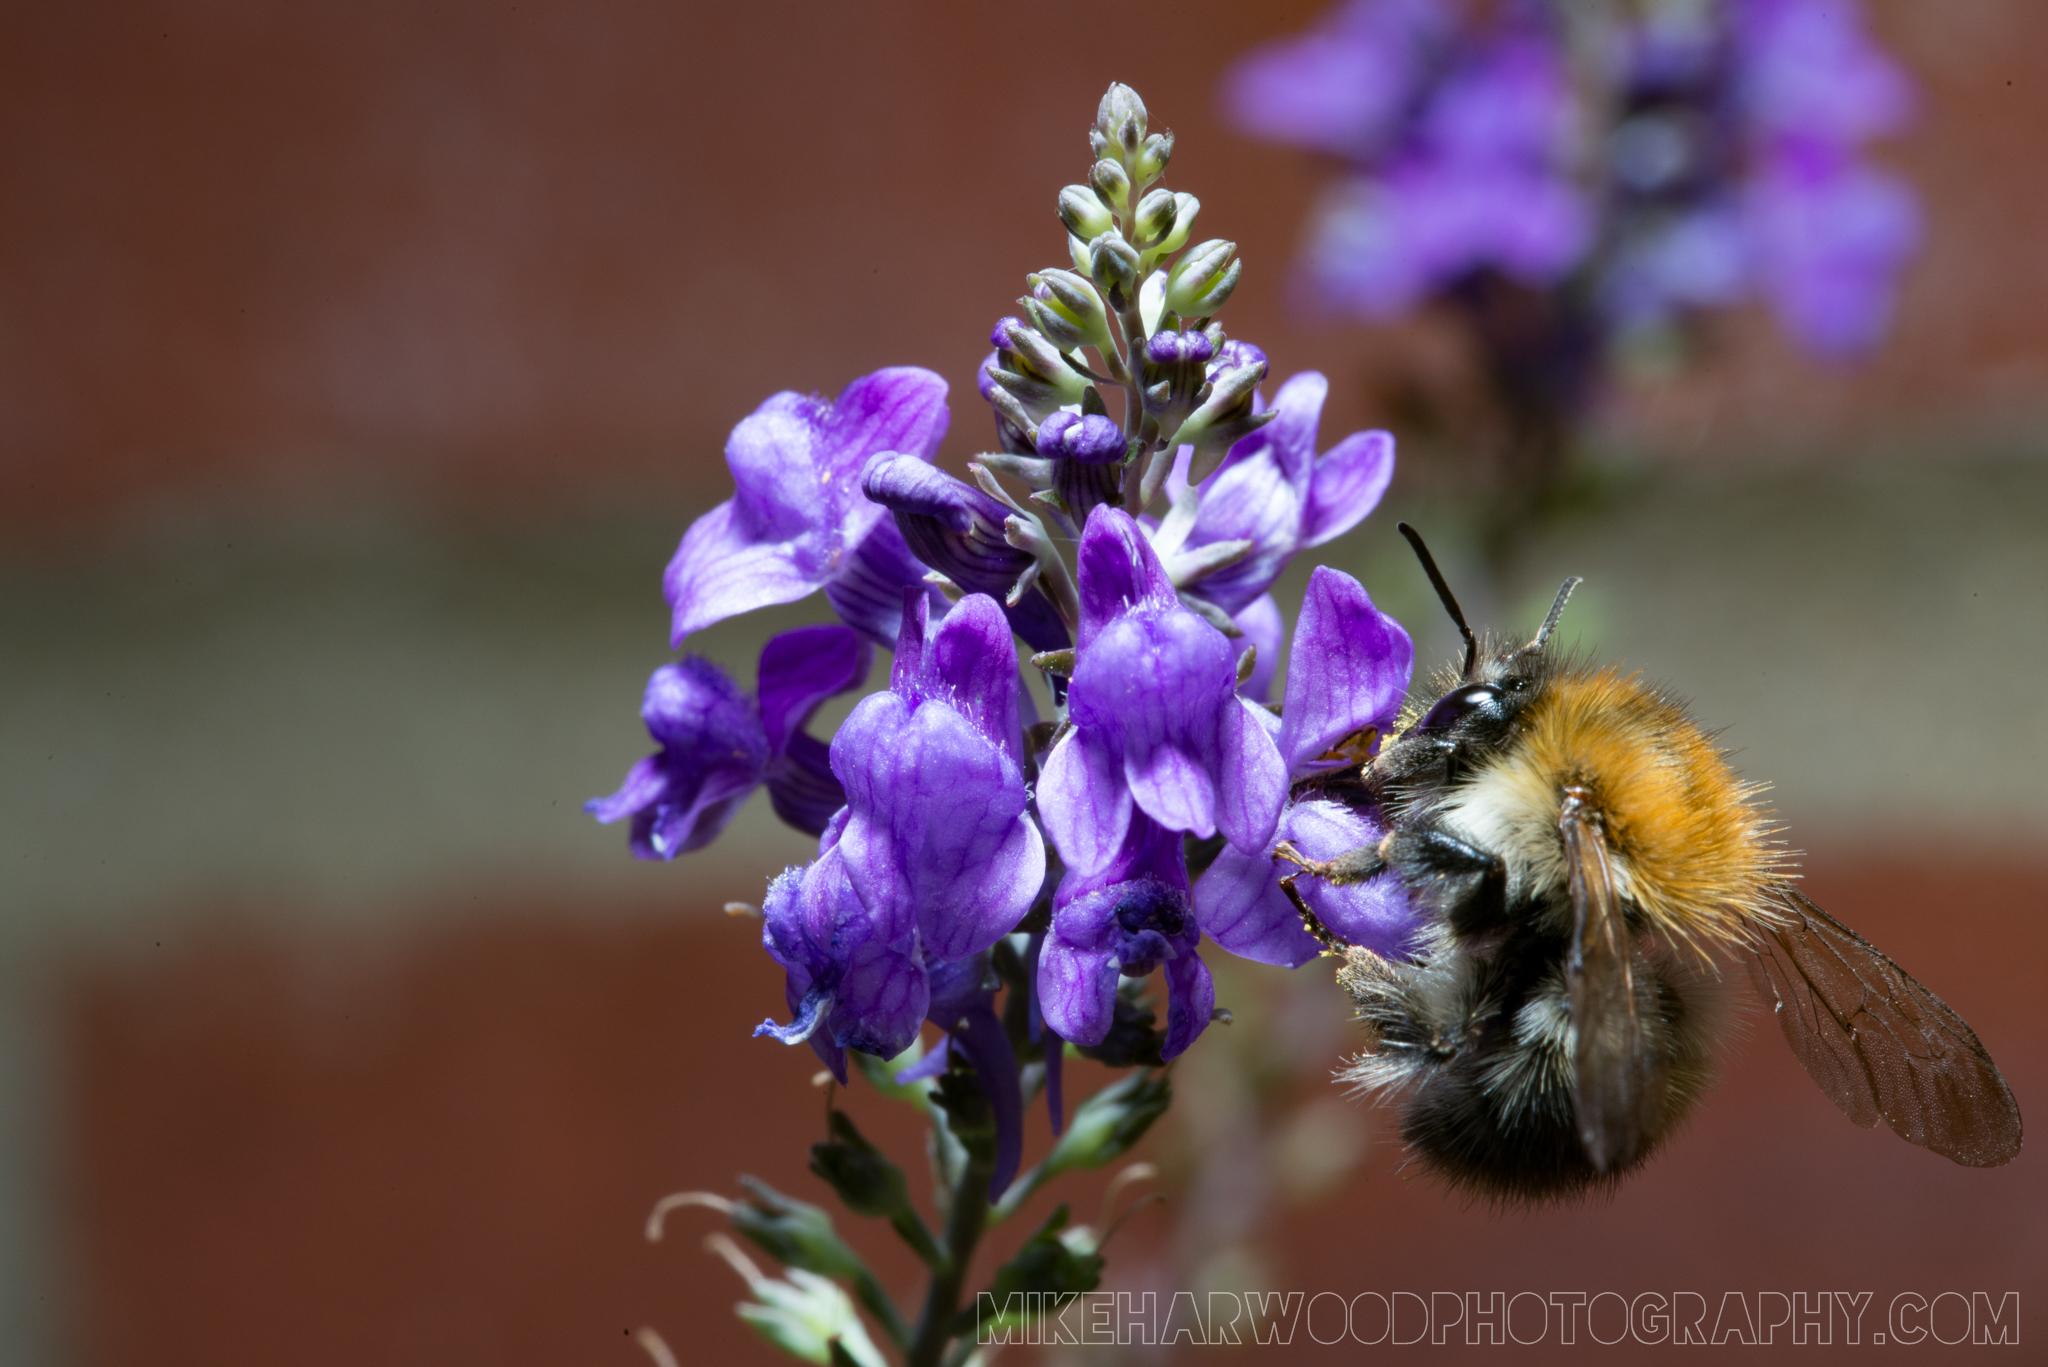 Macro shot of bumble bee